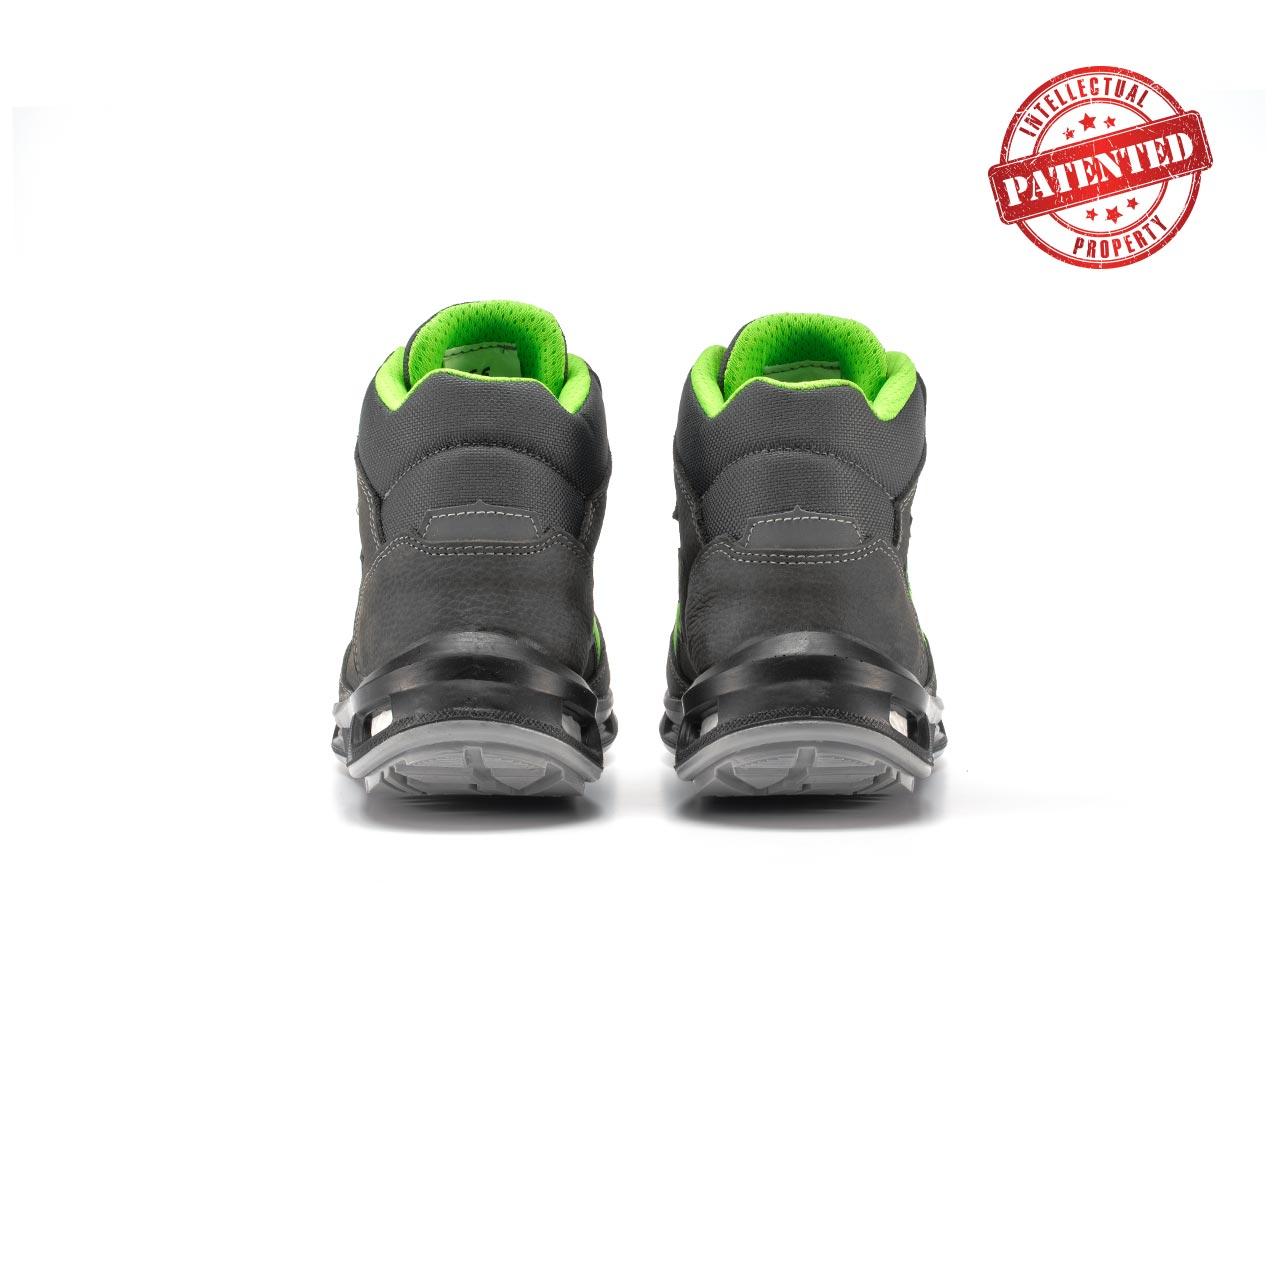 paio di scarpe antinfortunistiche alte upower modello hummer linea redlion vista retro